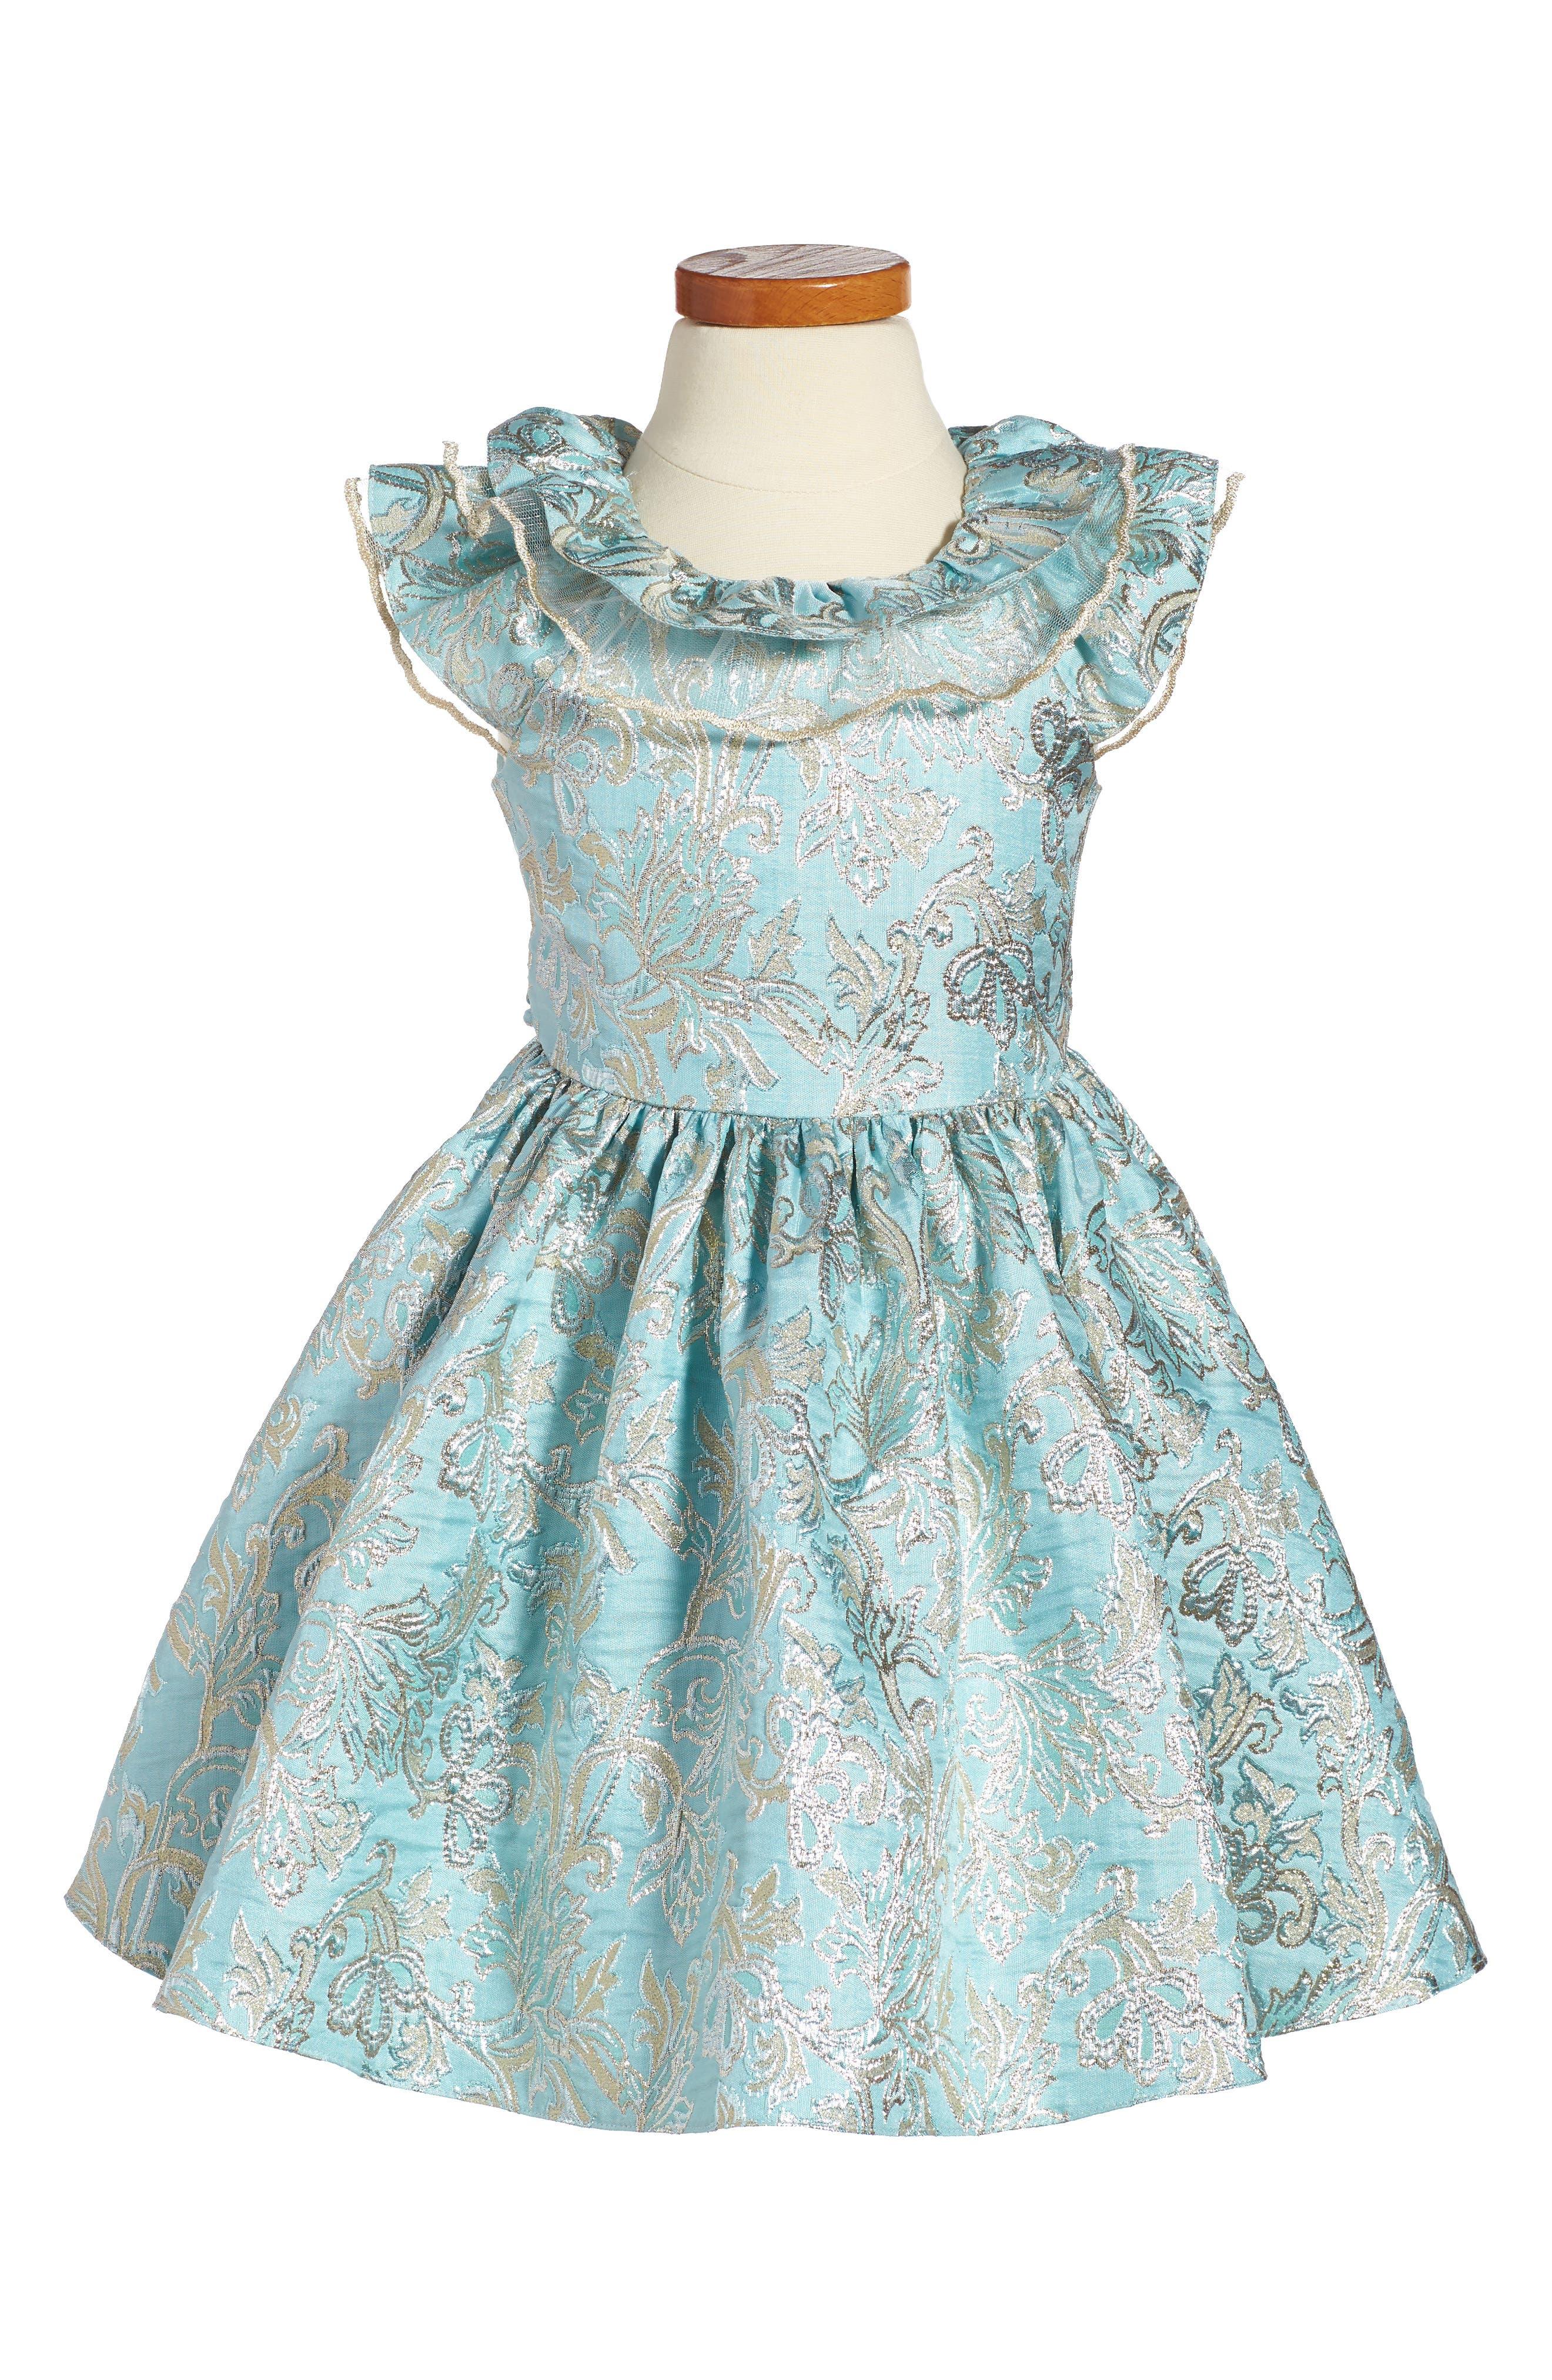 David Chales Ruffle Neck Brocade Dress,                             Main thumbnail 1, color,                             440